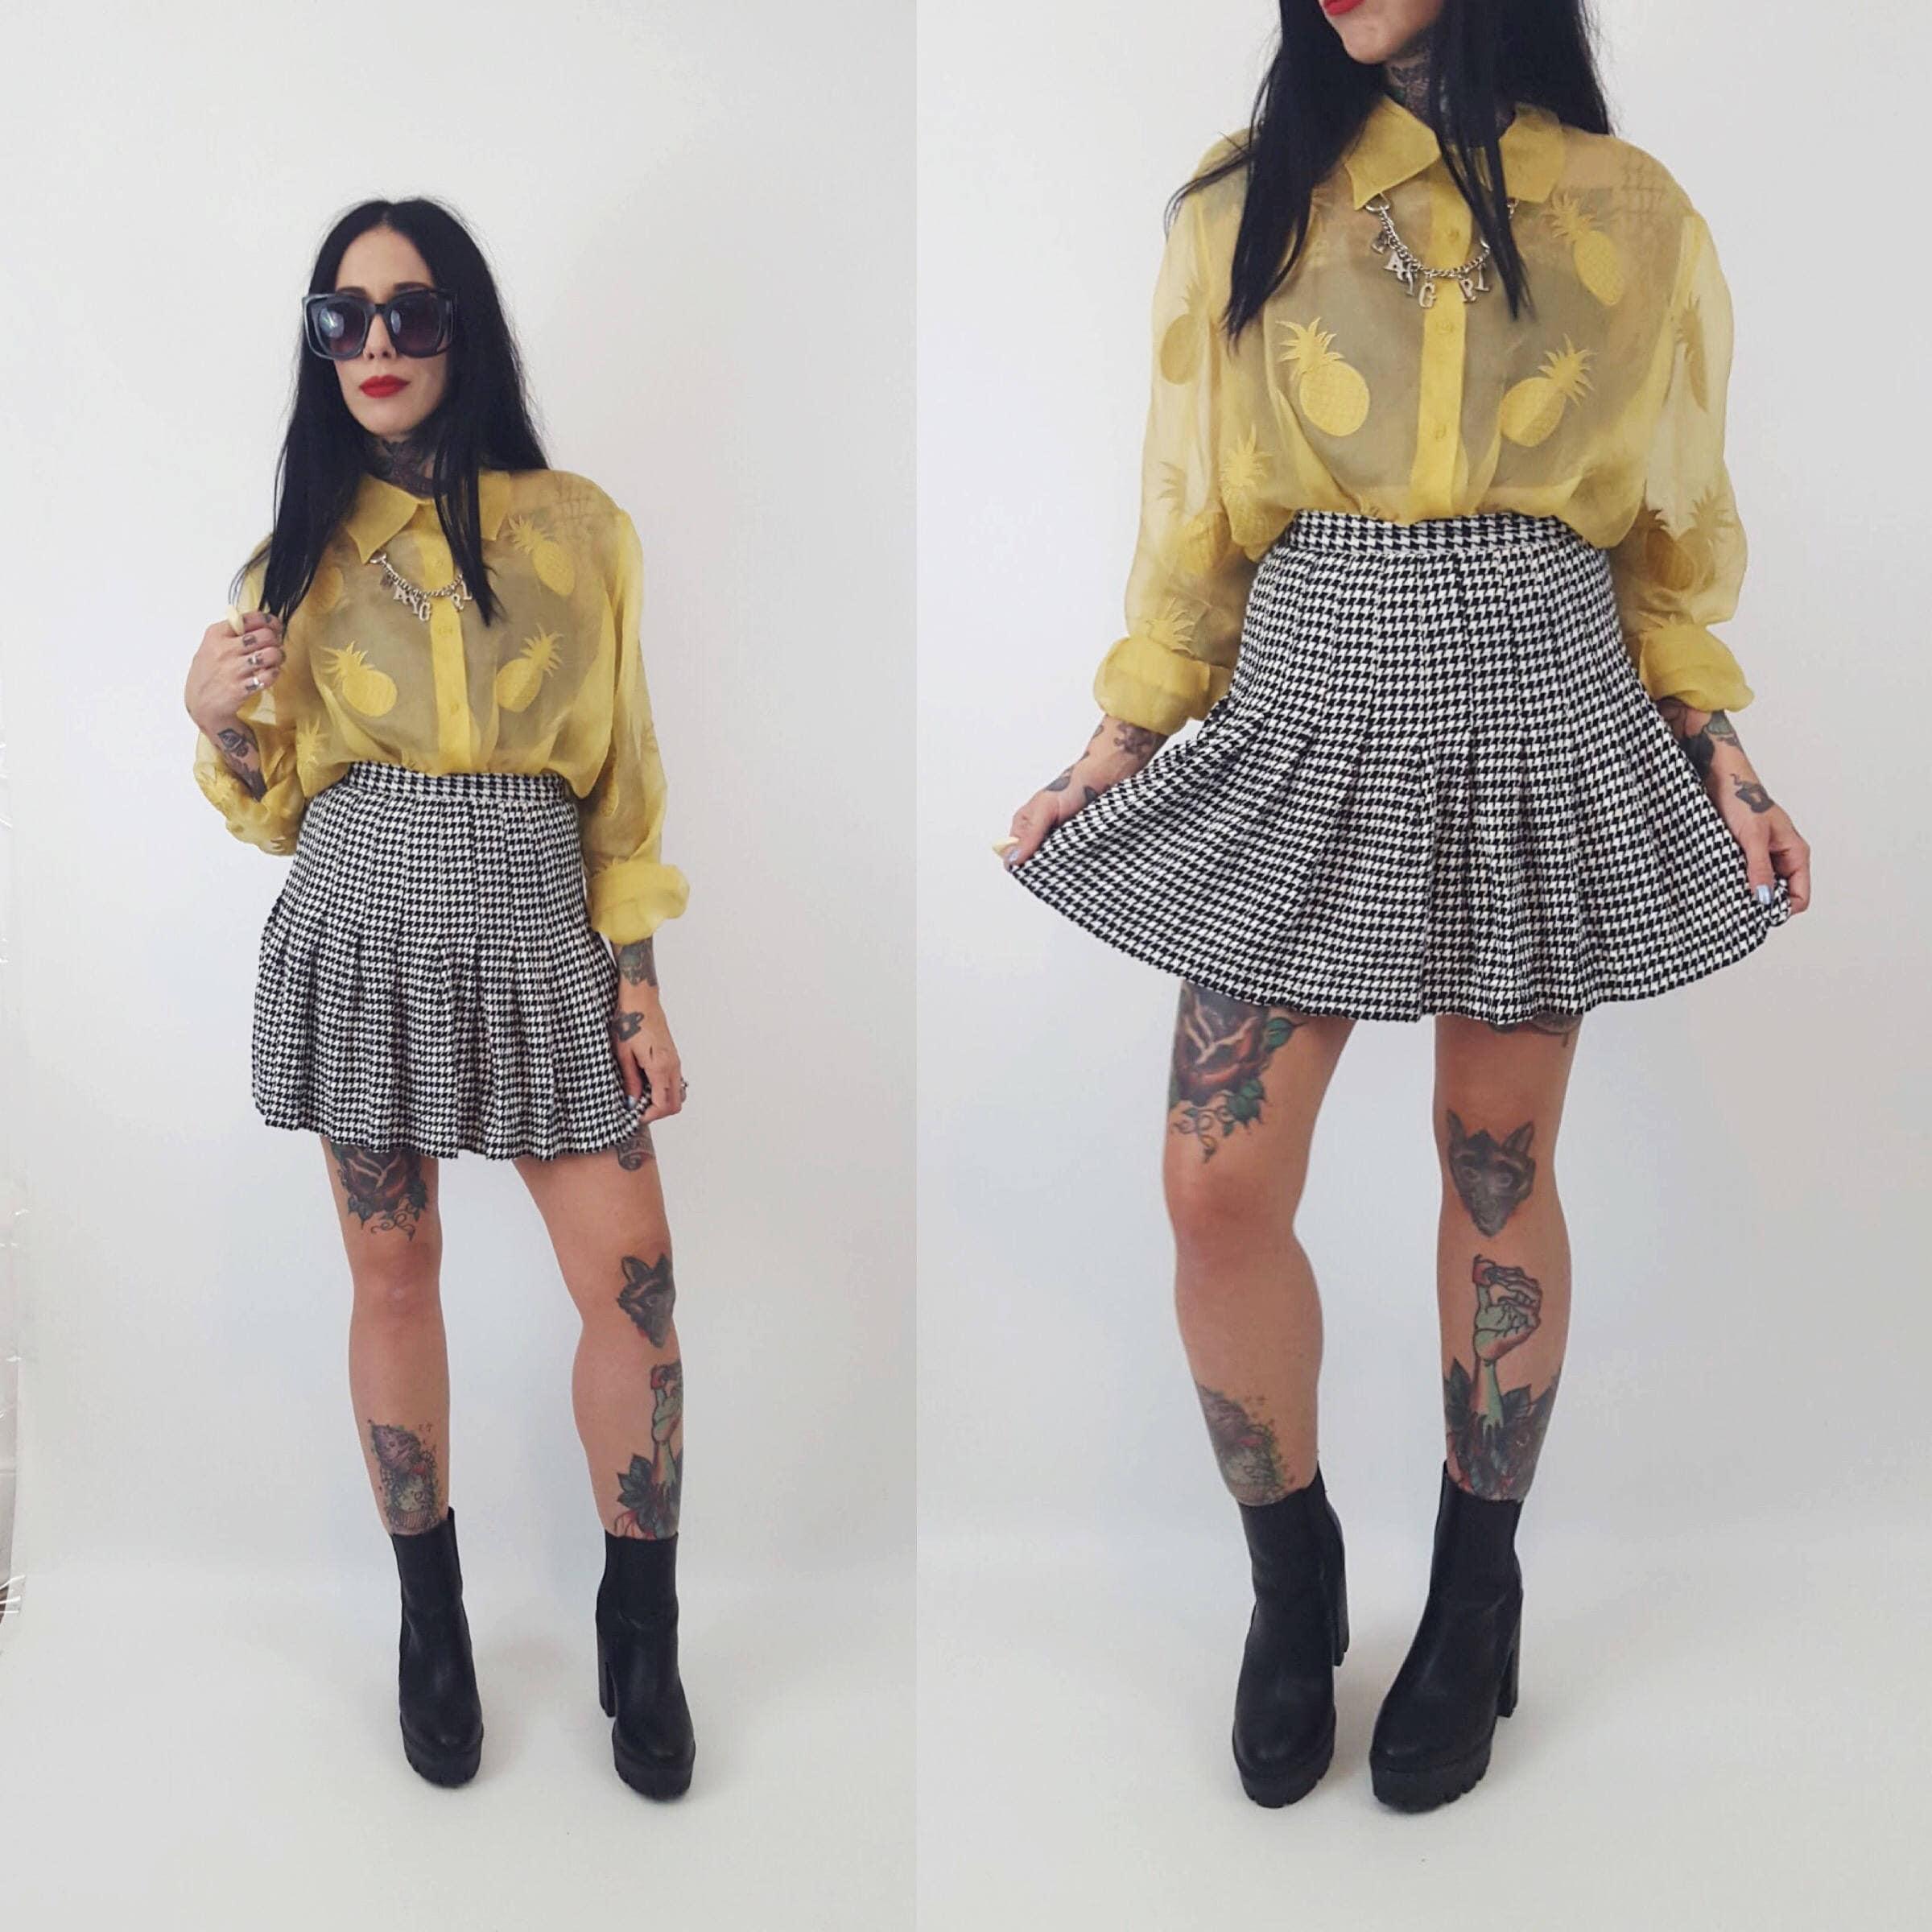 ae1ee90f7 90's Black White Plaid Herringbone Mini Skirt Size XS - Vintage High ...